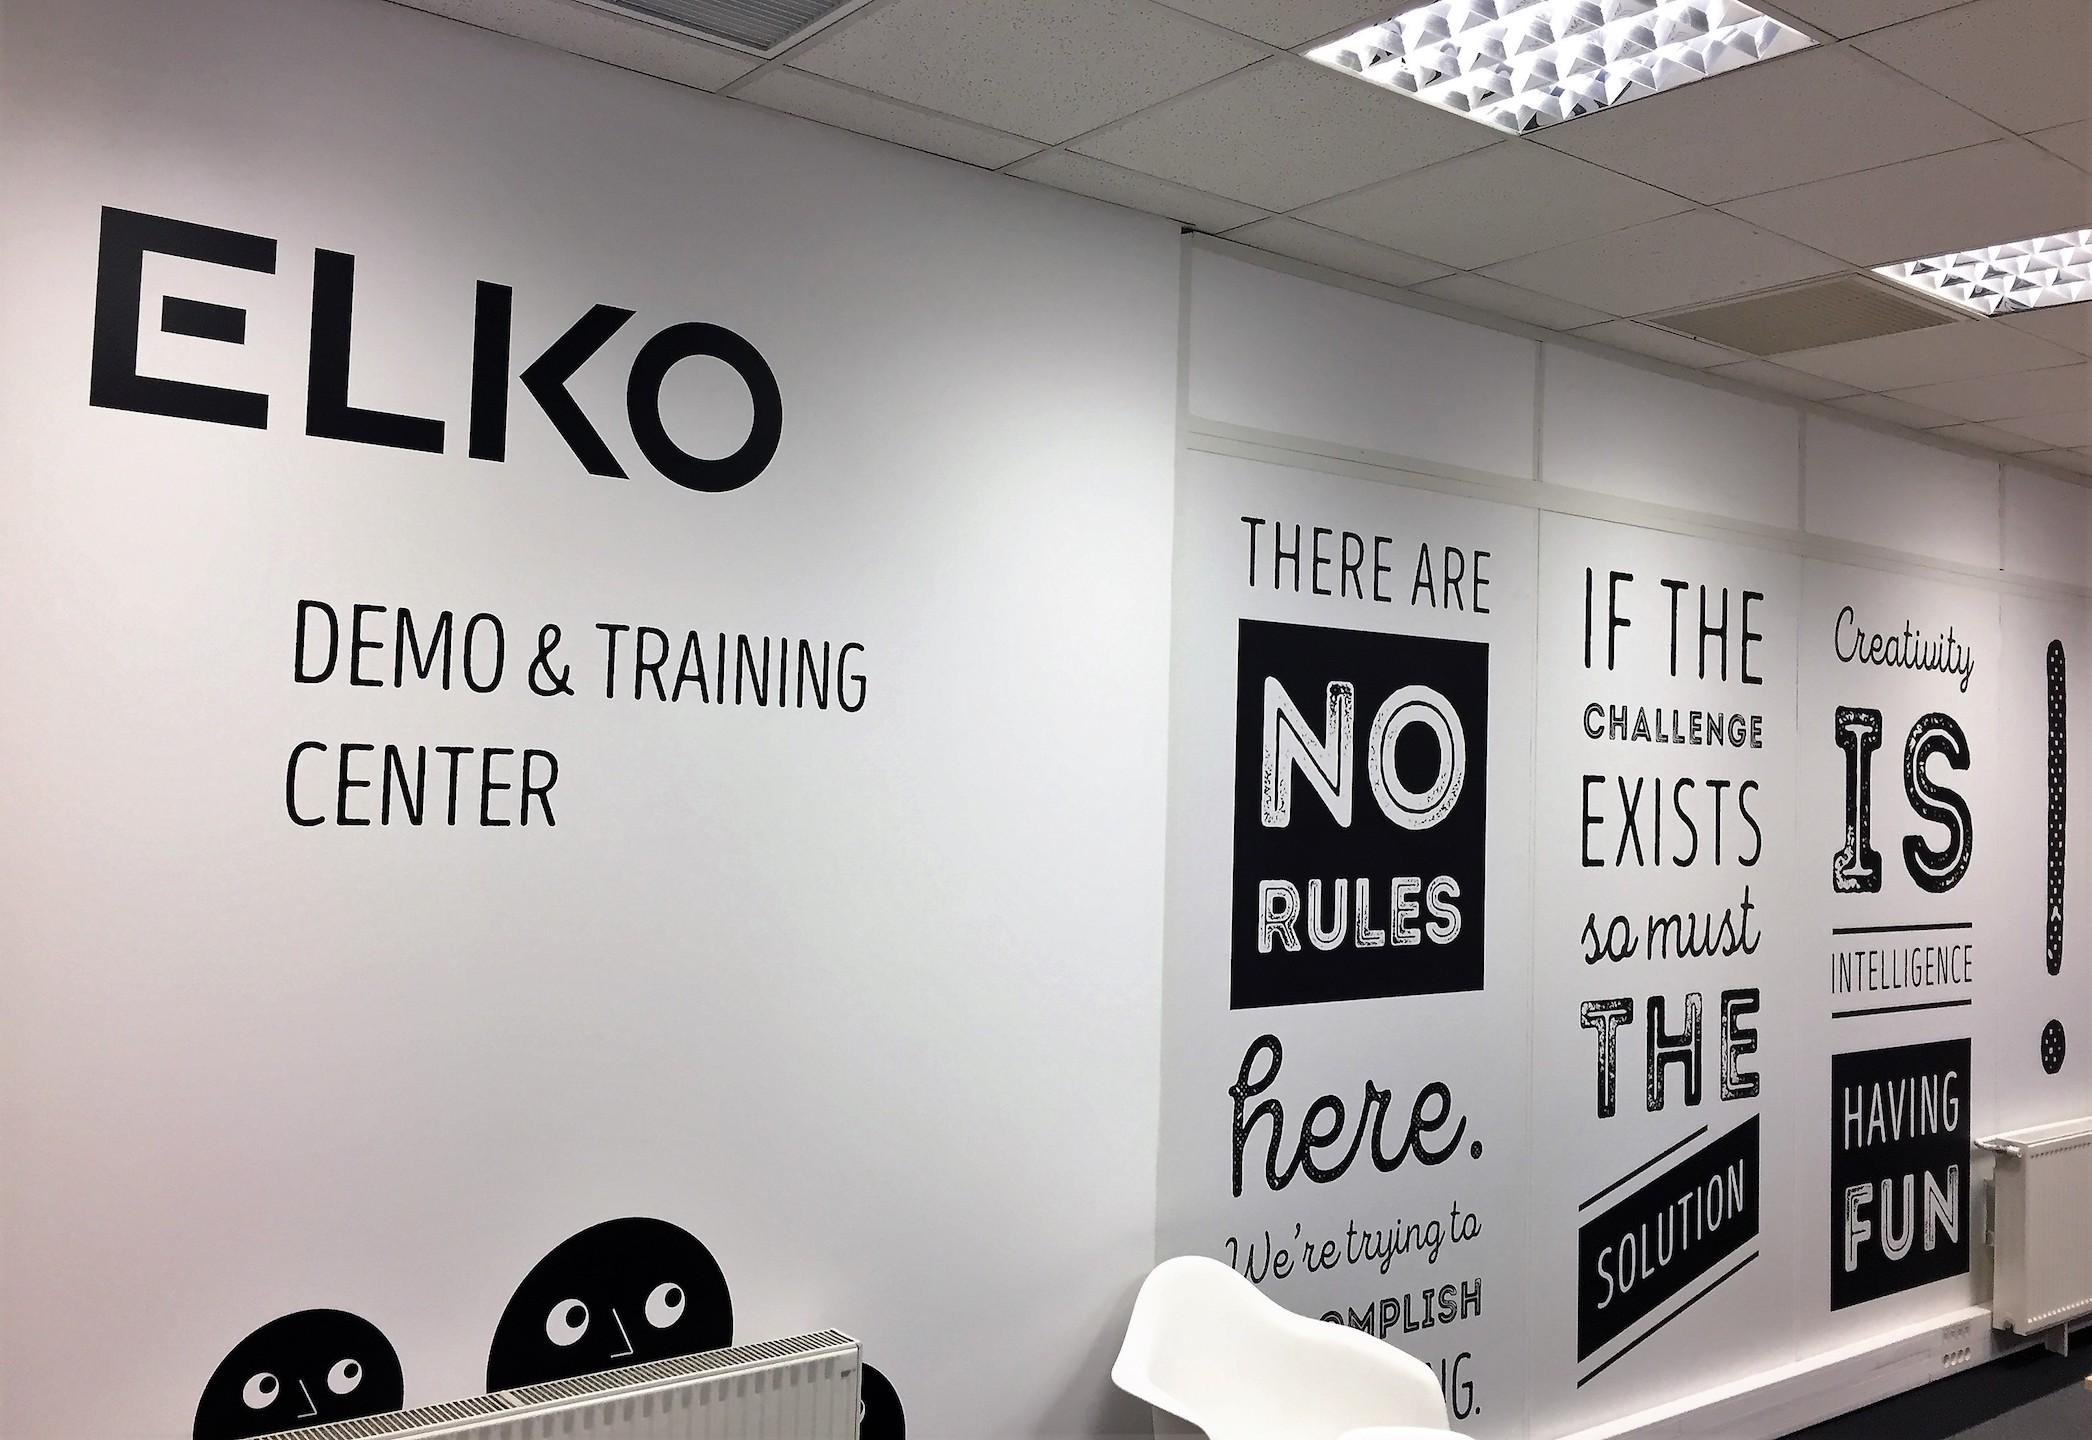 ELKO organizează un curs de vânzări centrat pe soluții Axis